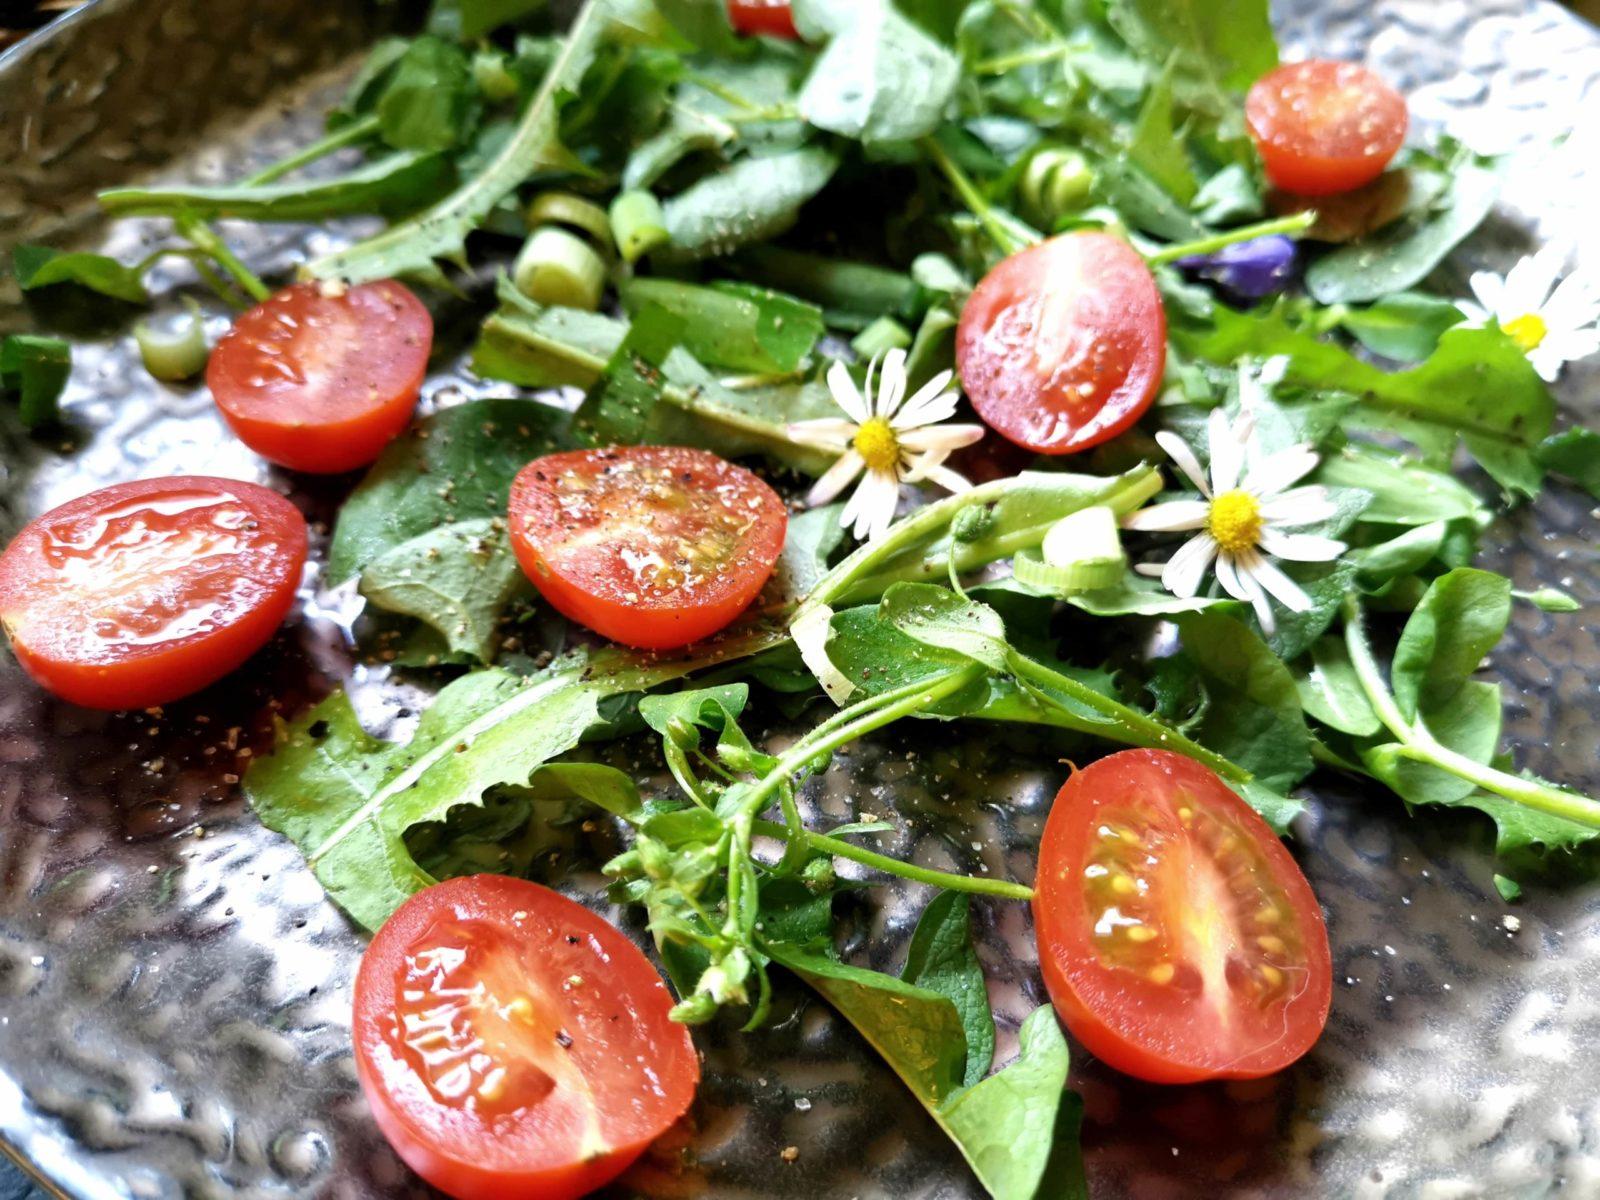 Wildkräuter mit Tomaten und Blüten